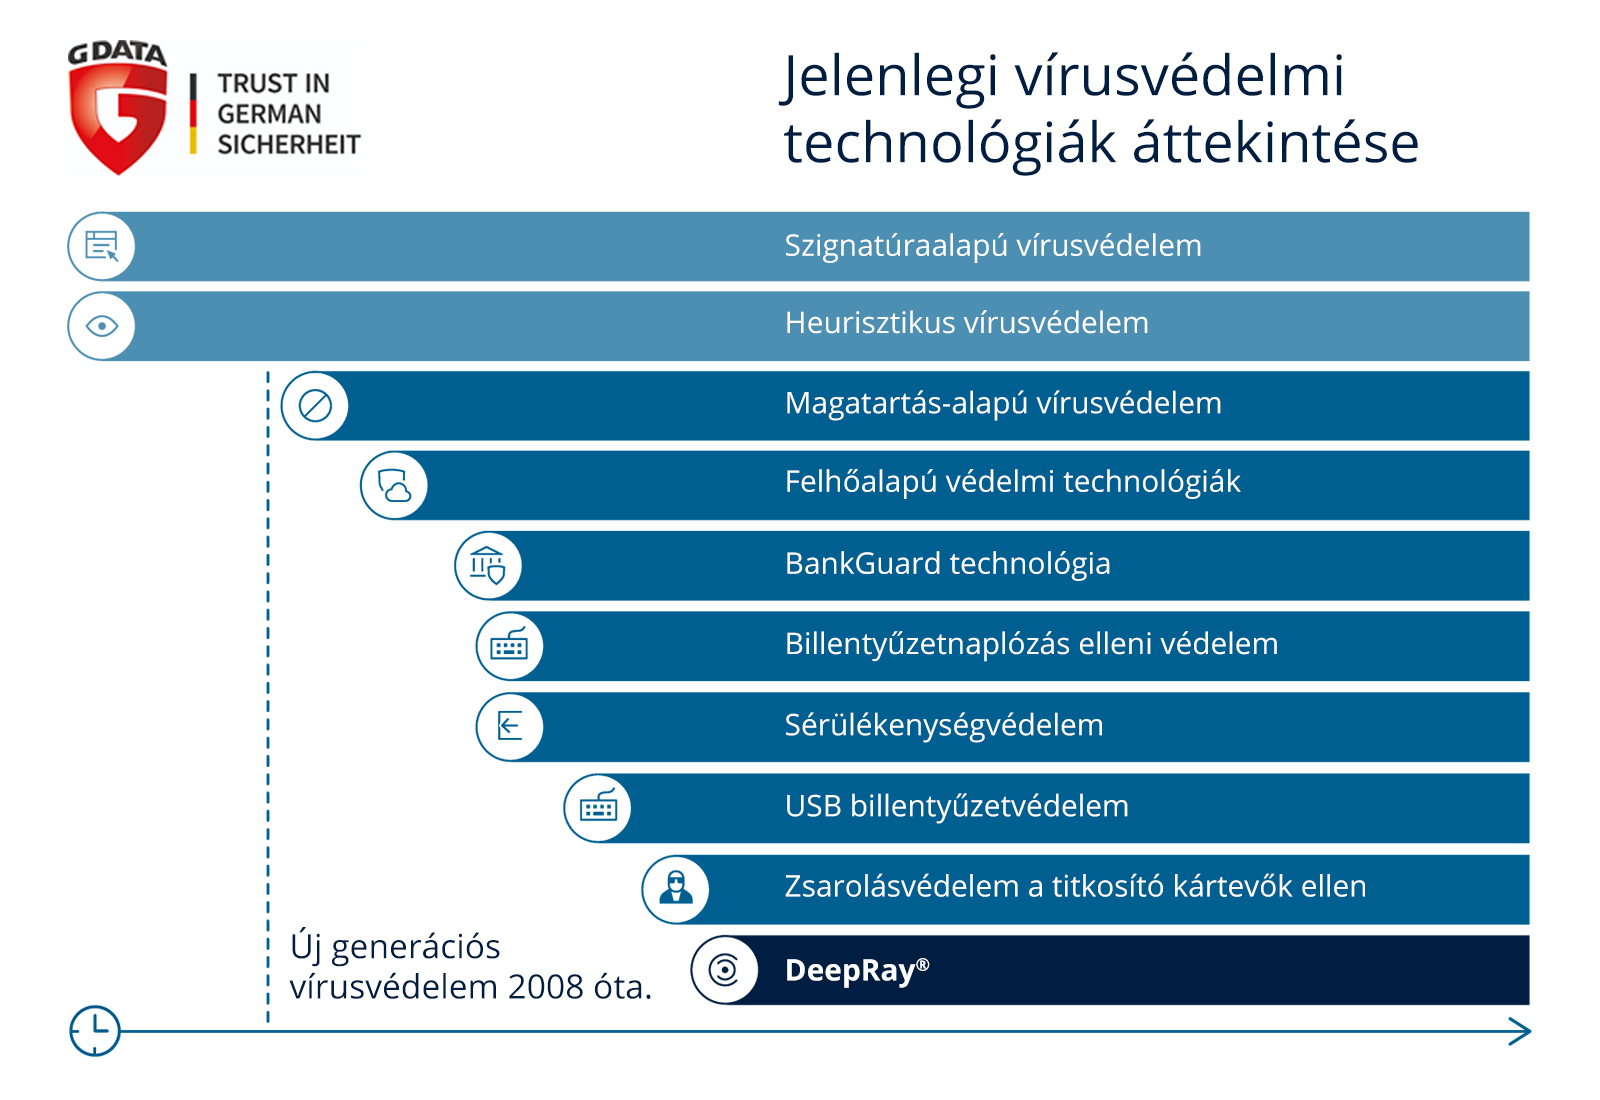 virusvedelmi_technologiak_attekintese.jpg